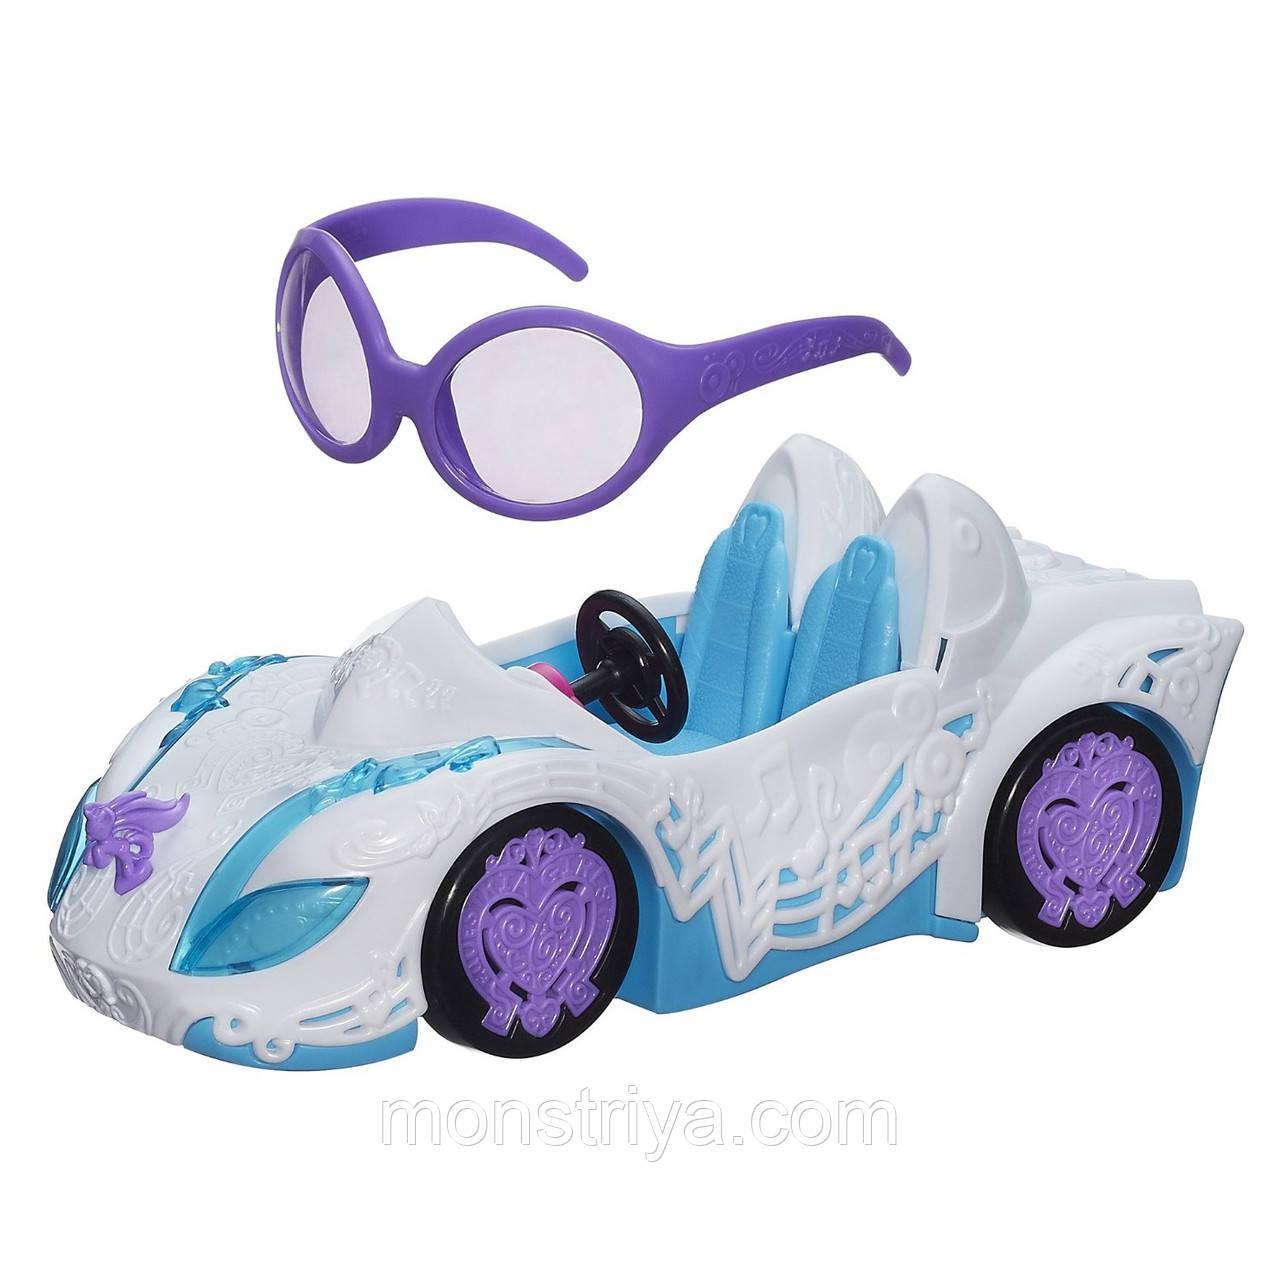 Большая машина  My Little Pony DJ Pon 3's Rockin Convertible .Автомобиль для кукол пони диджея и очки